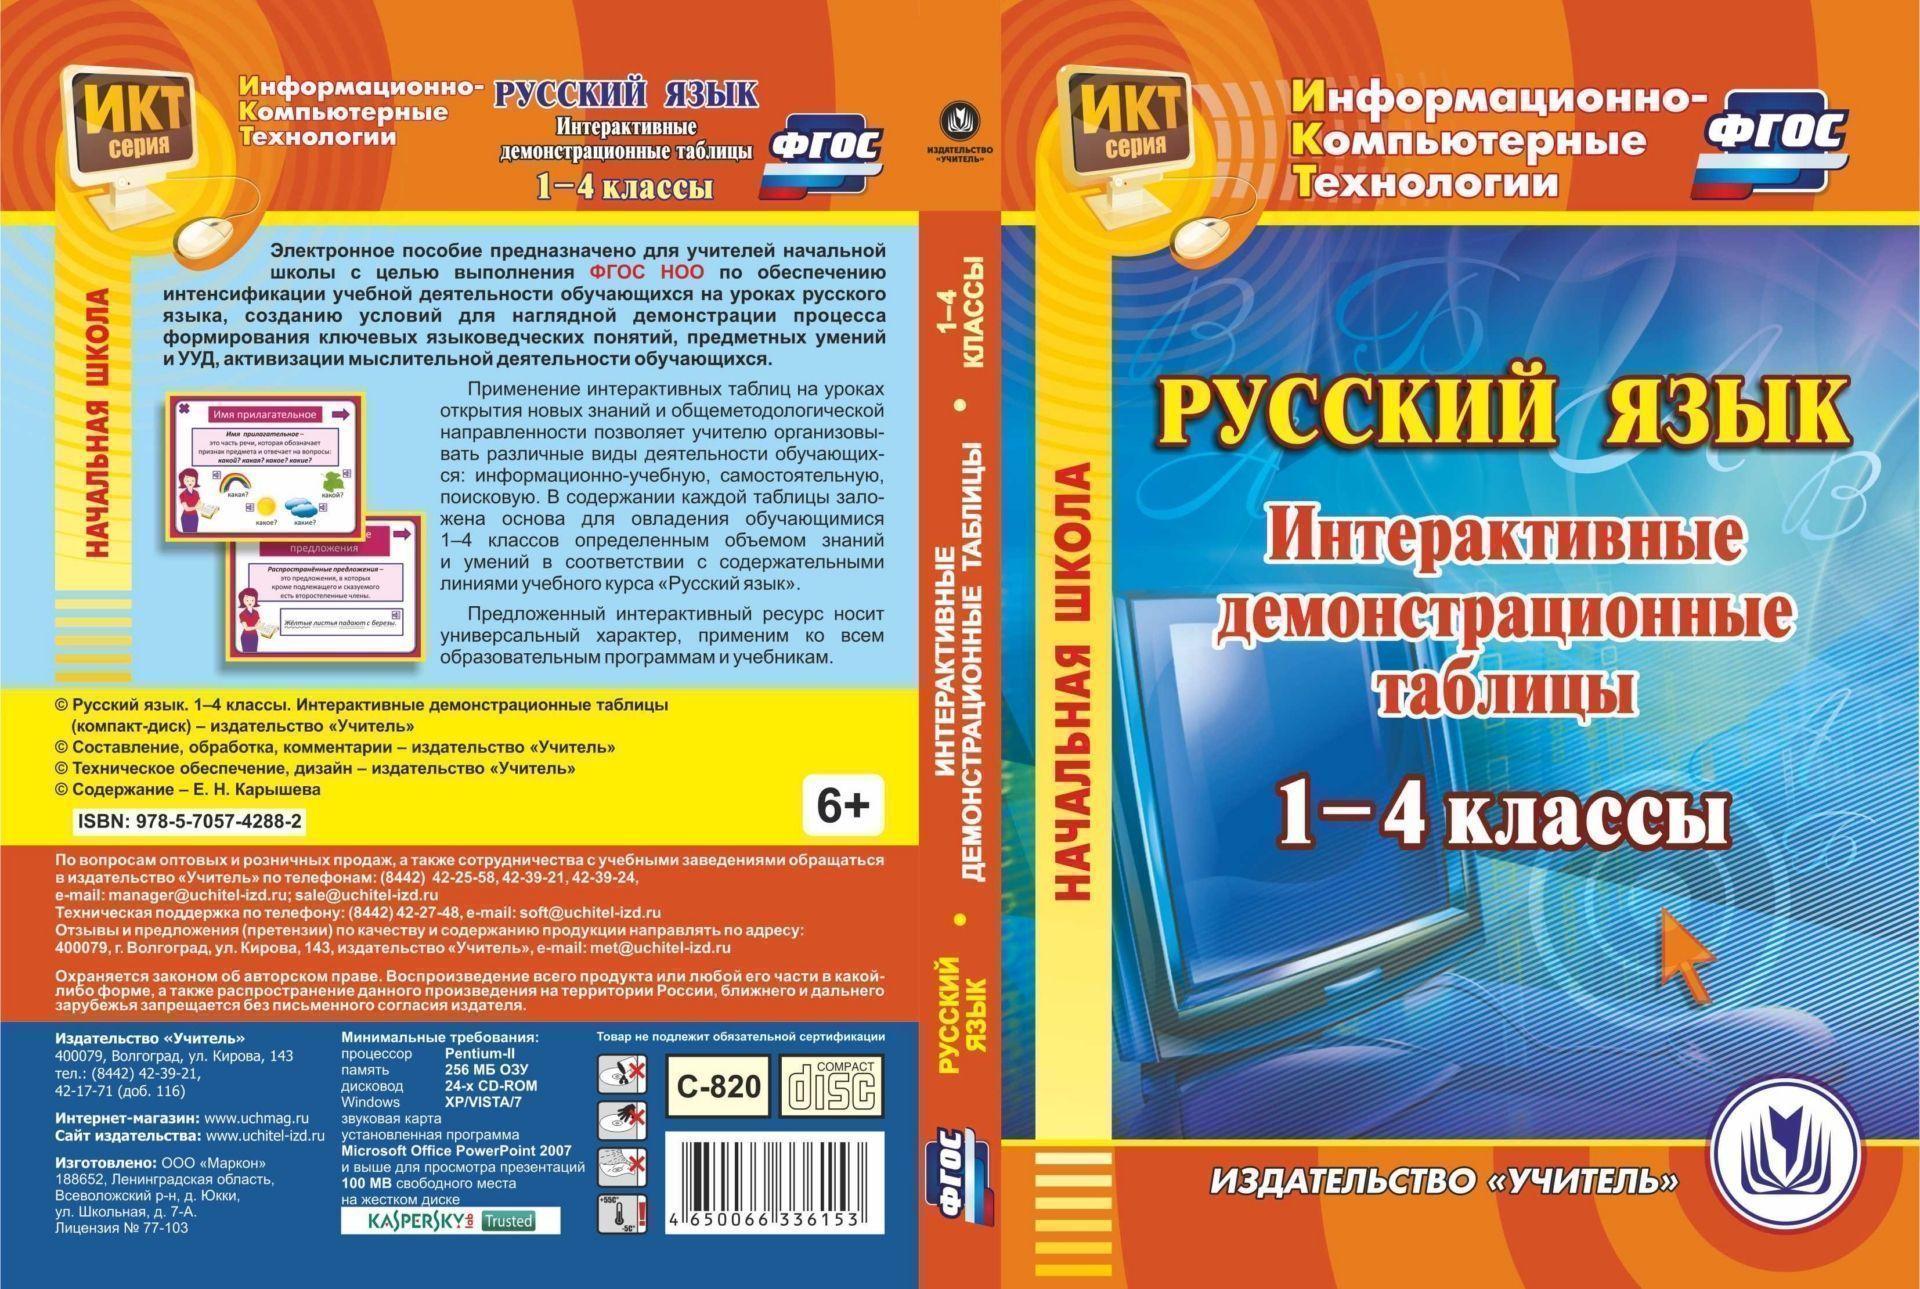 Русский язык. 1-4 классы. Интерактивные демонстрационные таблицы. Компакт-диск для компьютера